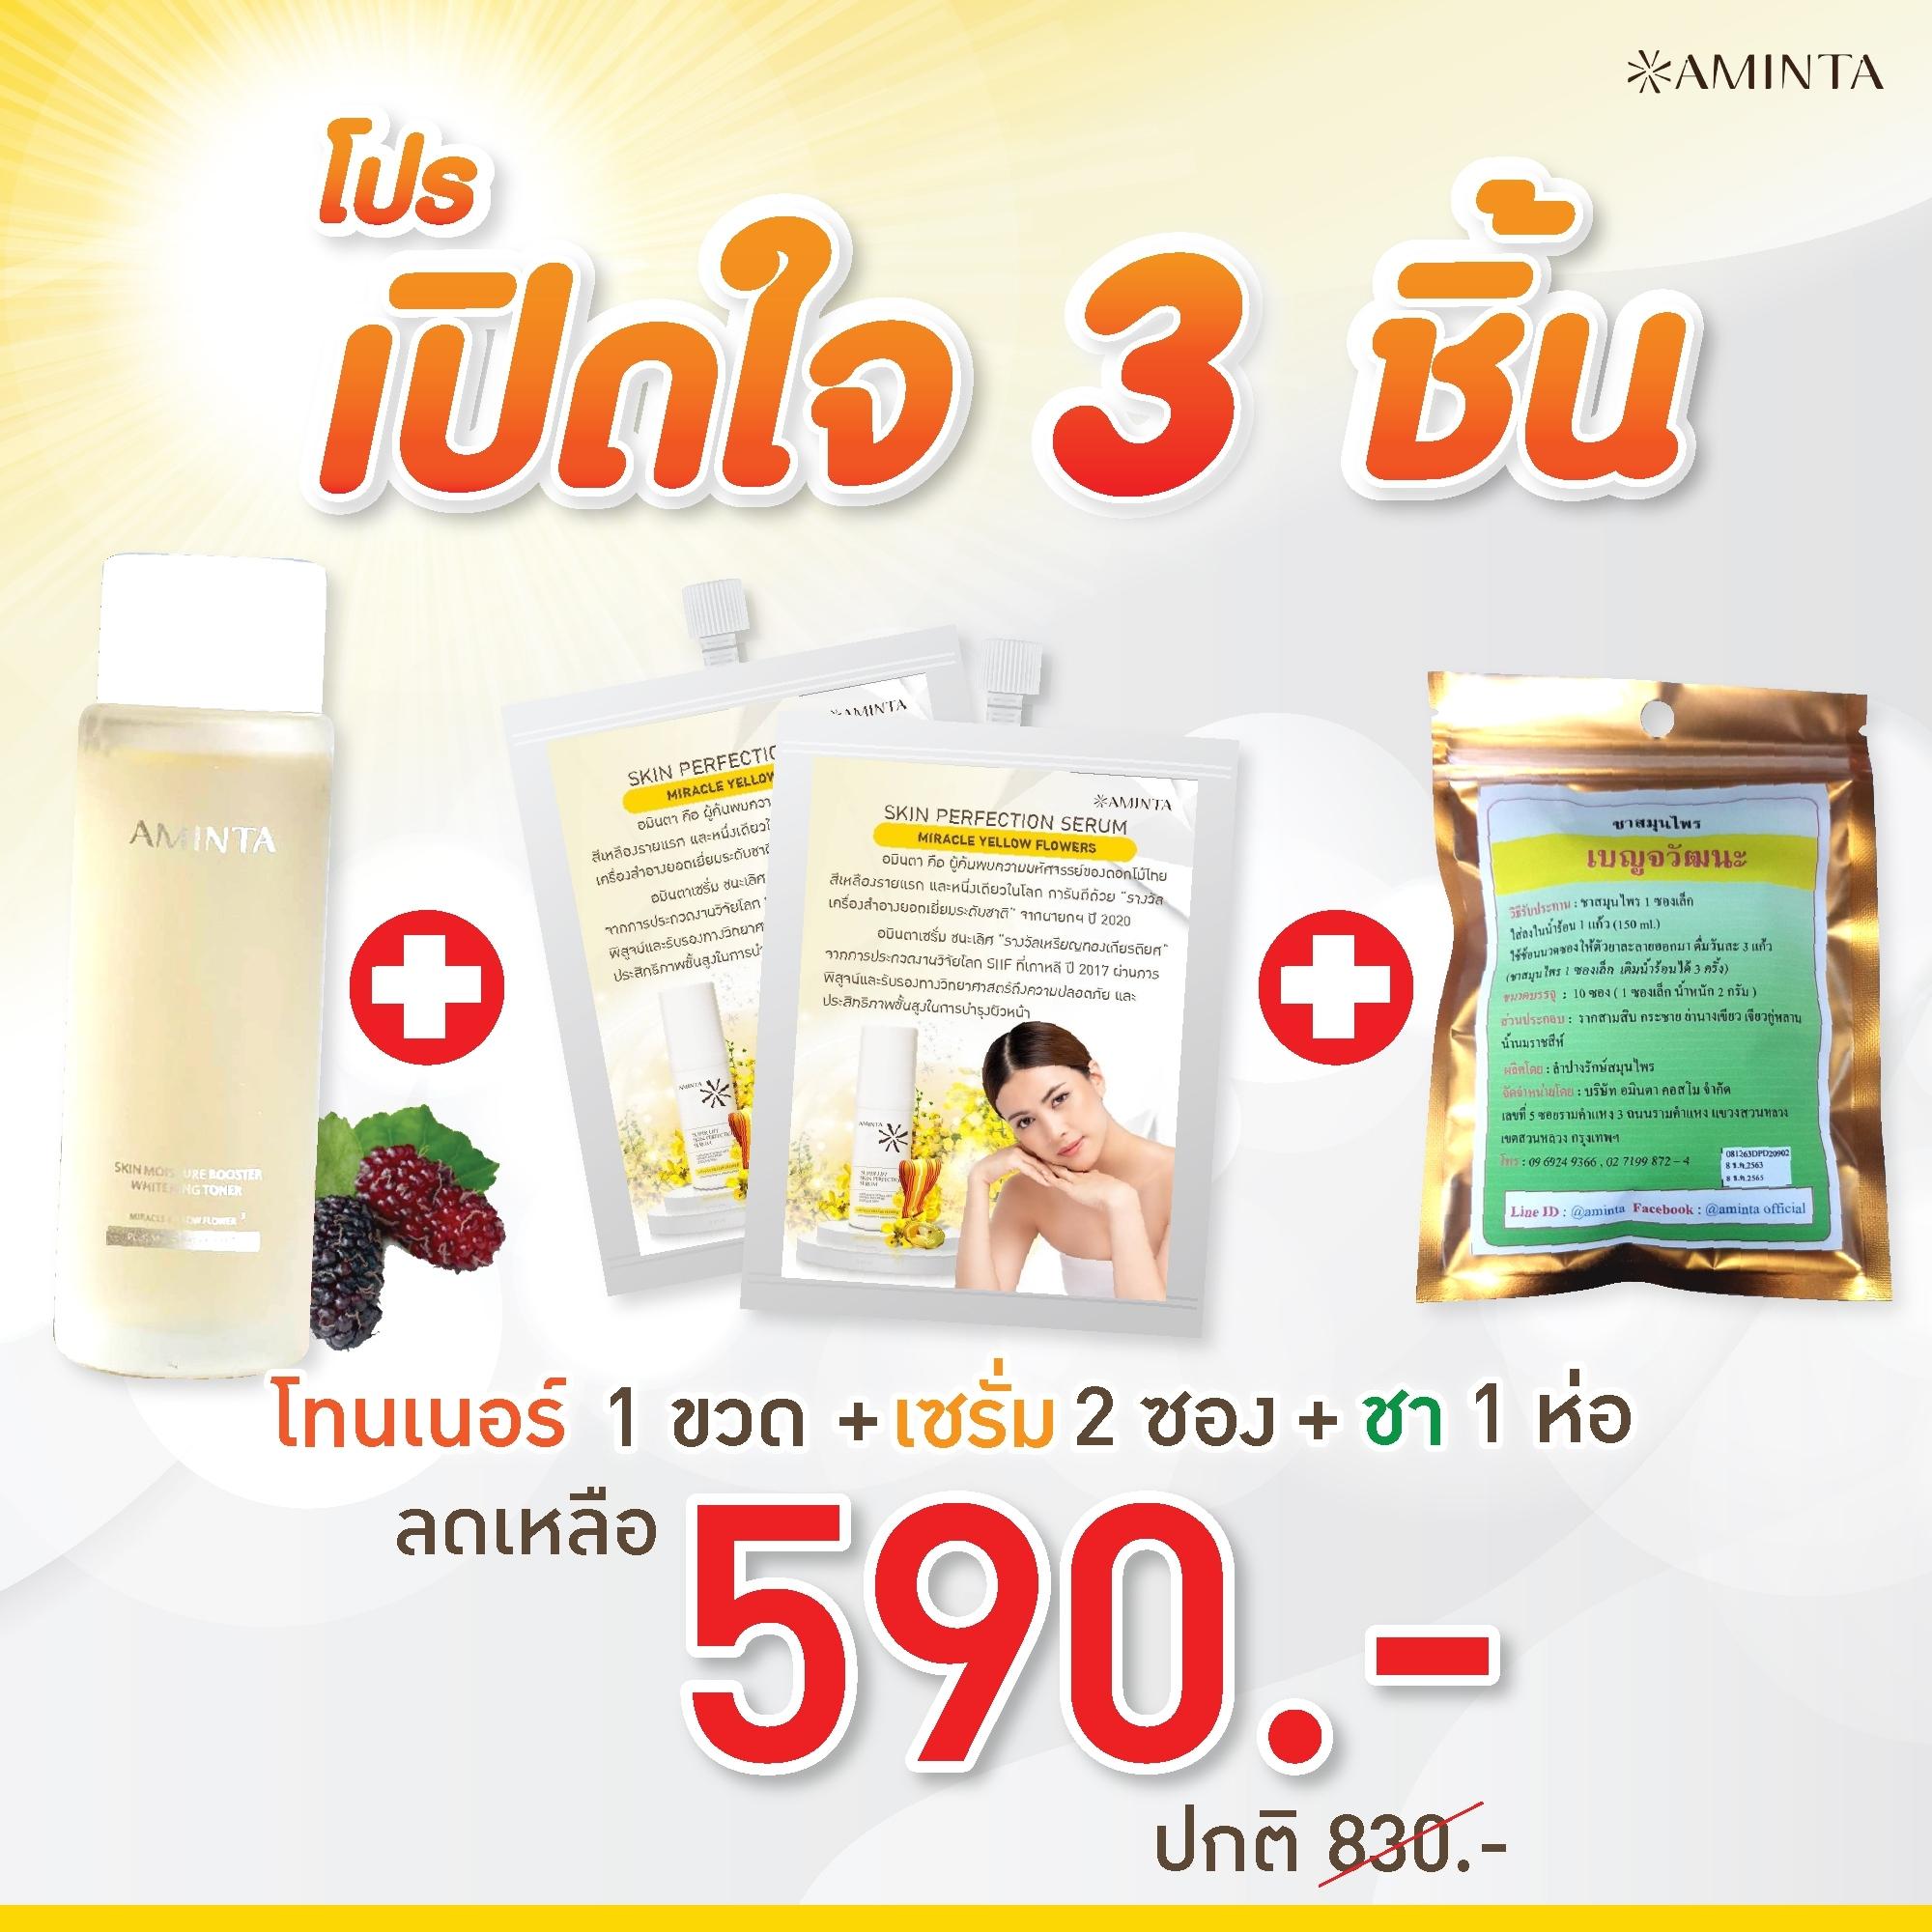 ซื้อโทนเนอร์ 1 ขวด+เซรั่มดอกไม้เหลือง 2 ซอง+ชาสมุนไพร 1 ห่อ